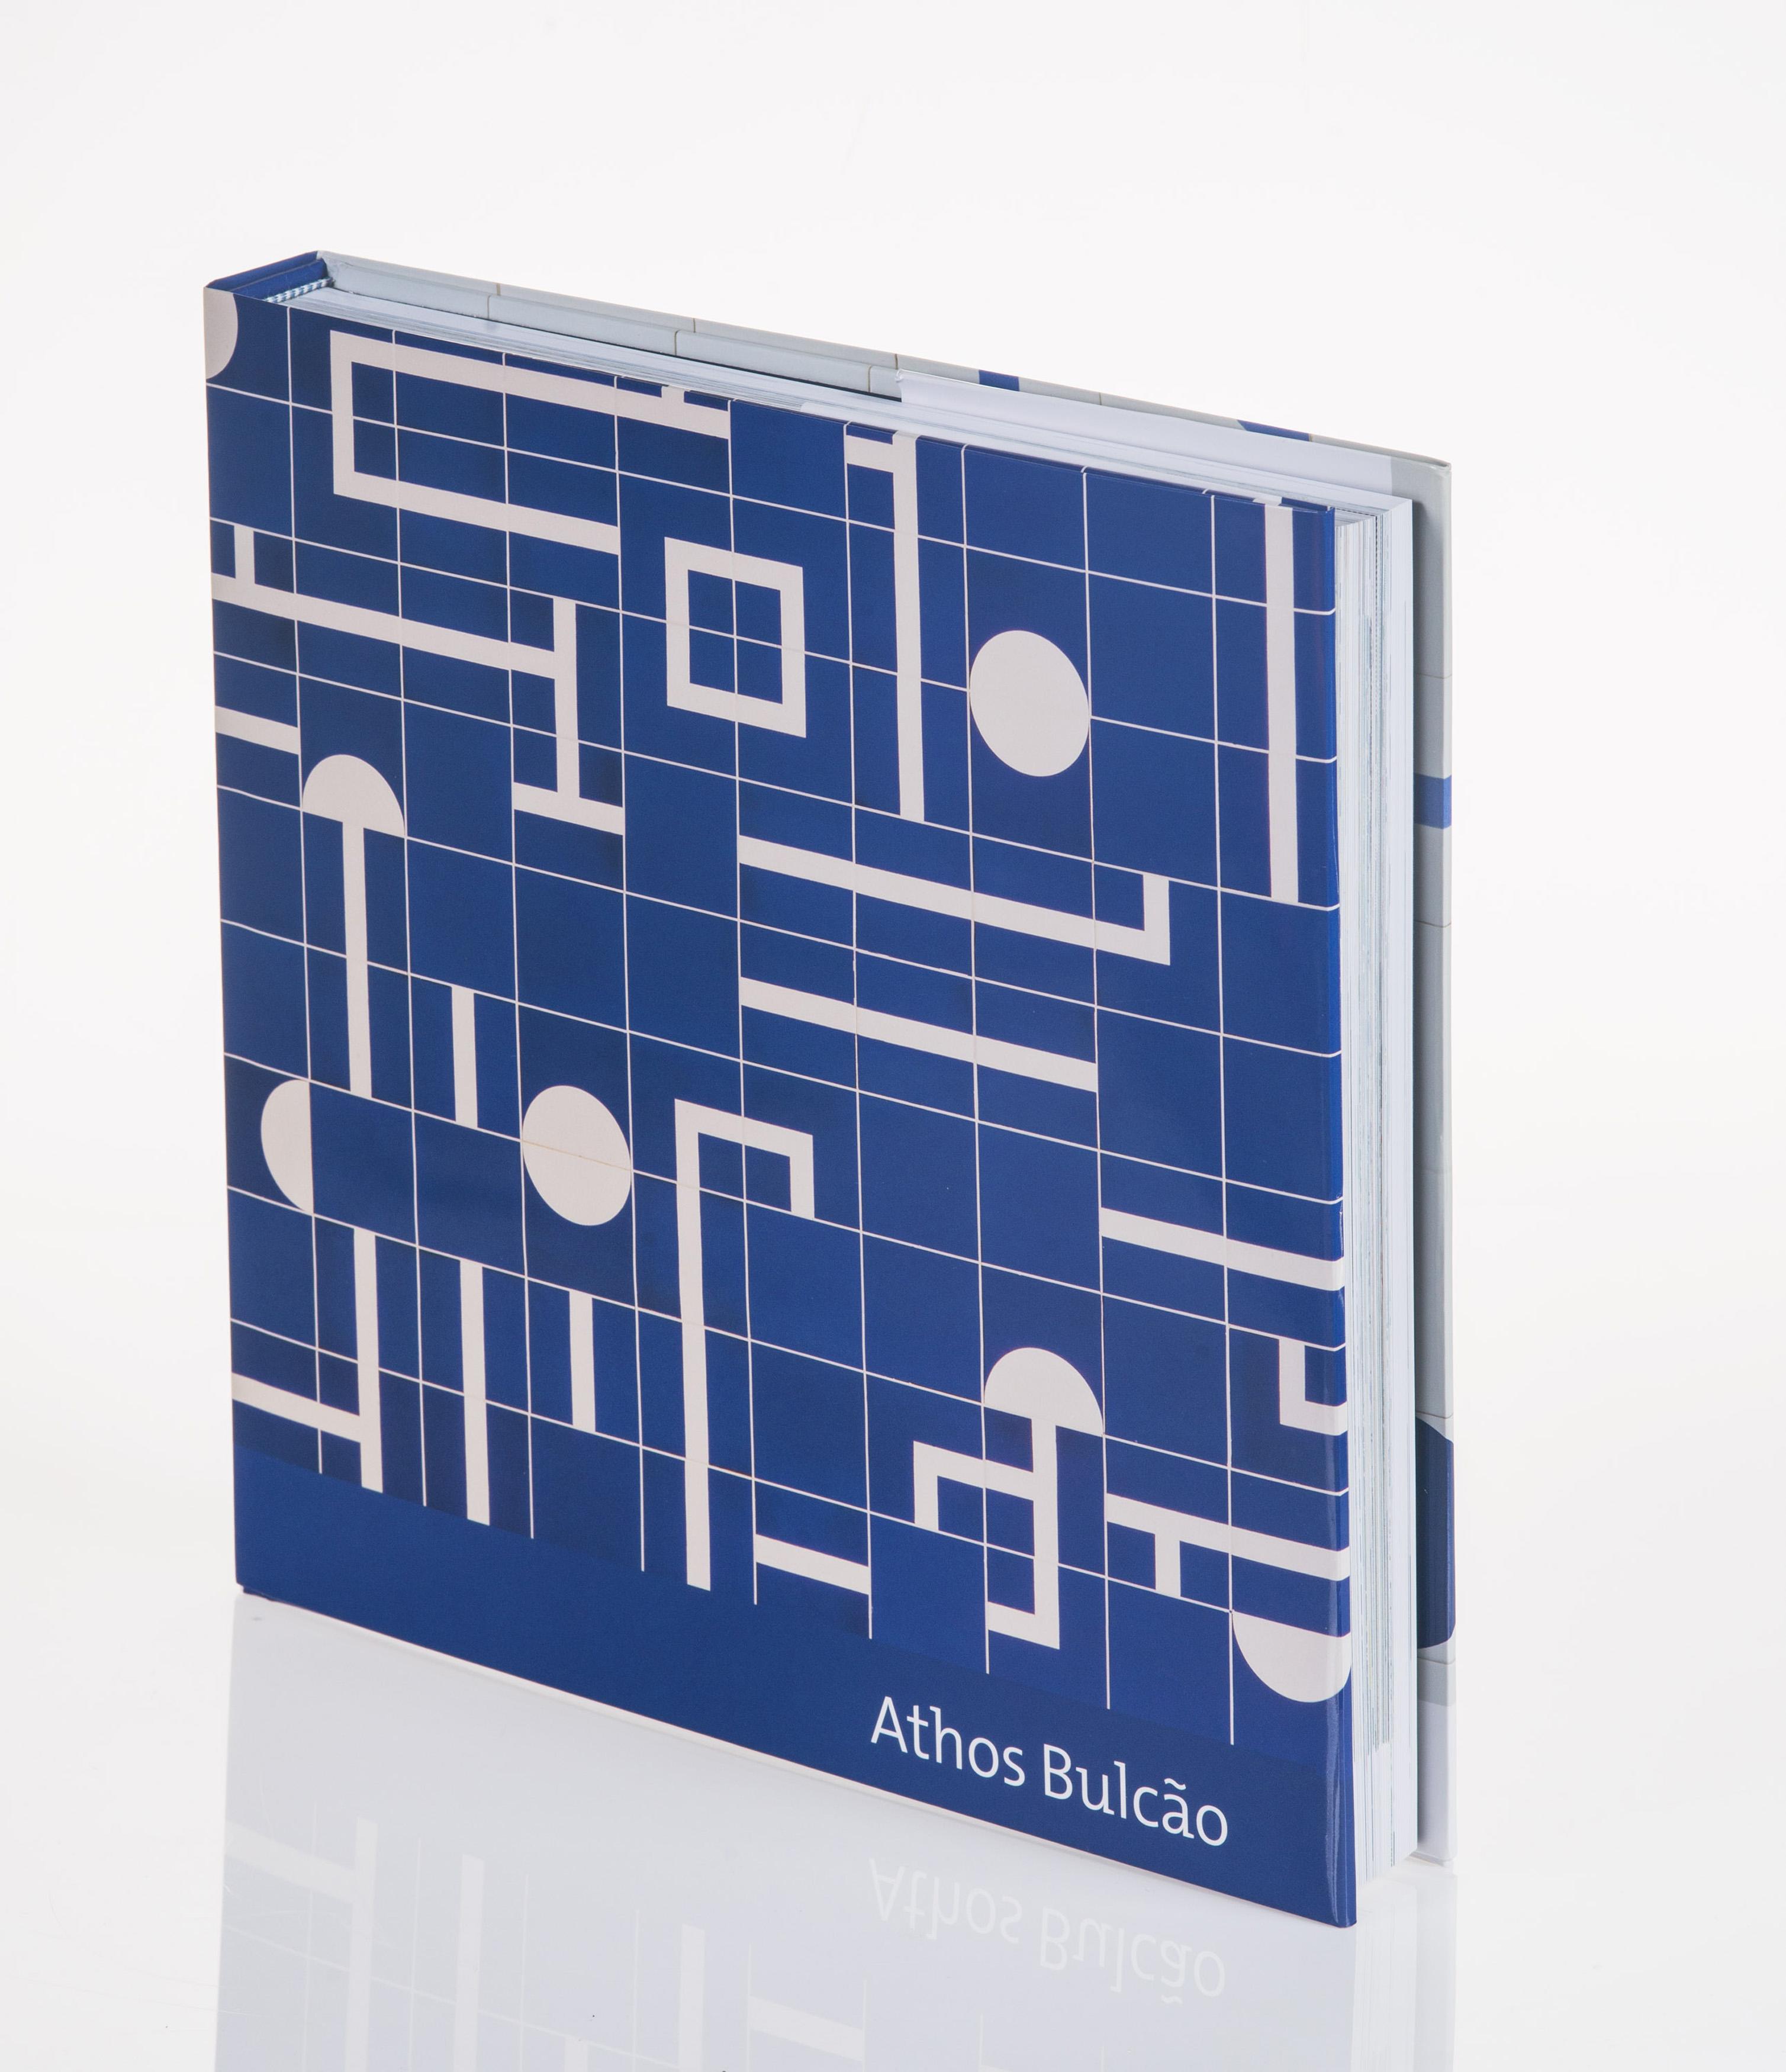 livro-athos-bulcao.jpg